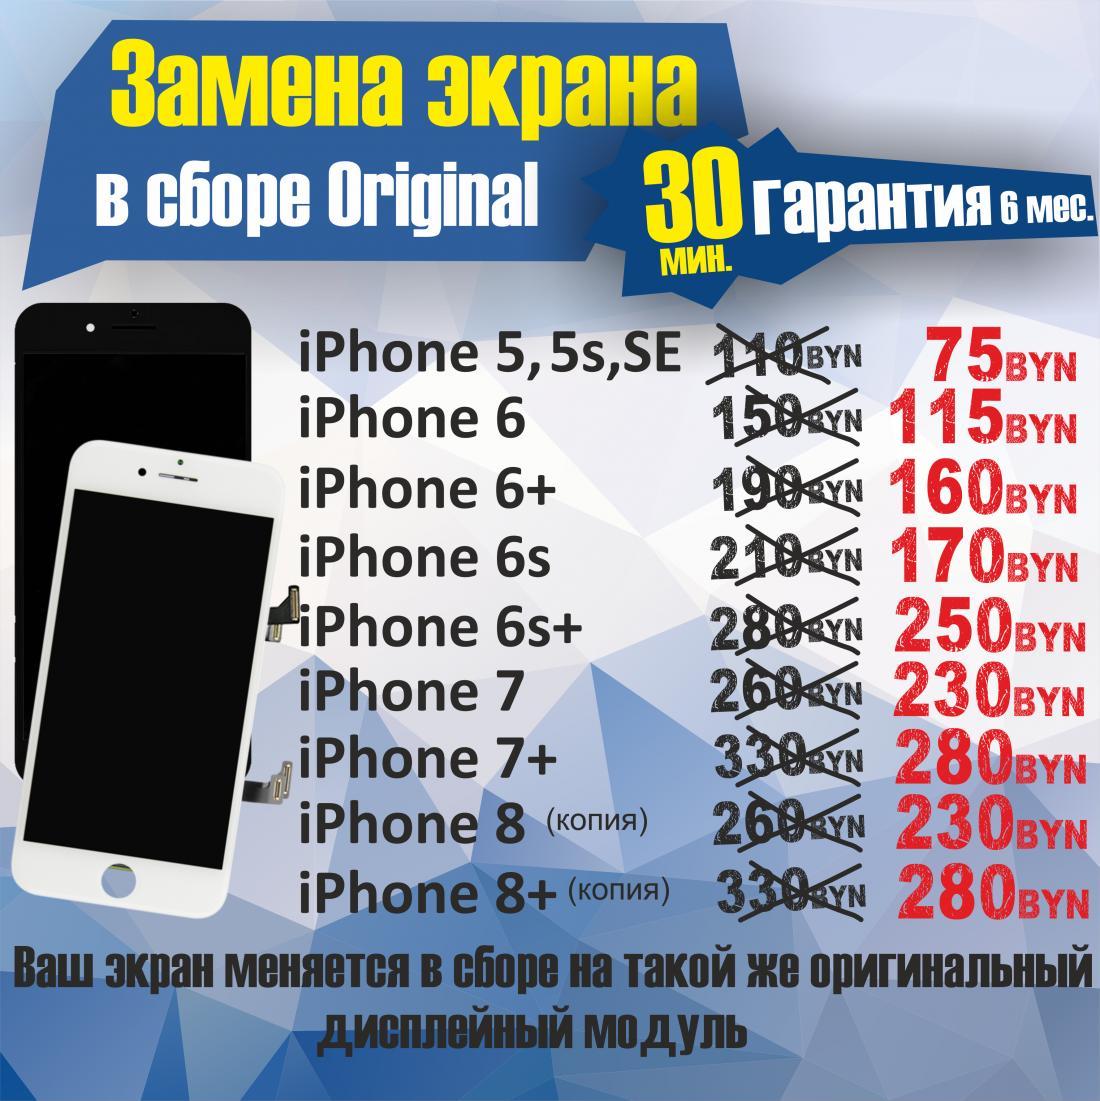 Ремонт iPhone, замена экрана,  замена стекла, установка защитного стекла от 7,50 руб.